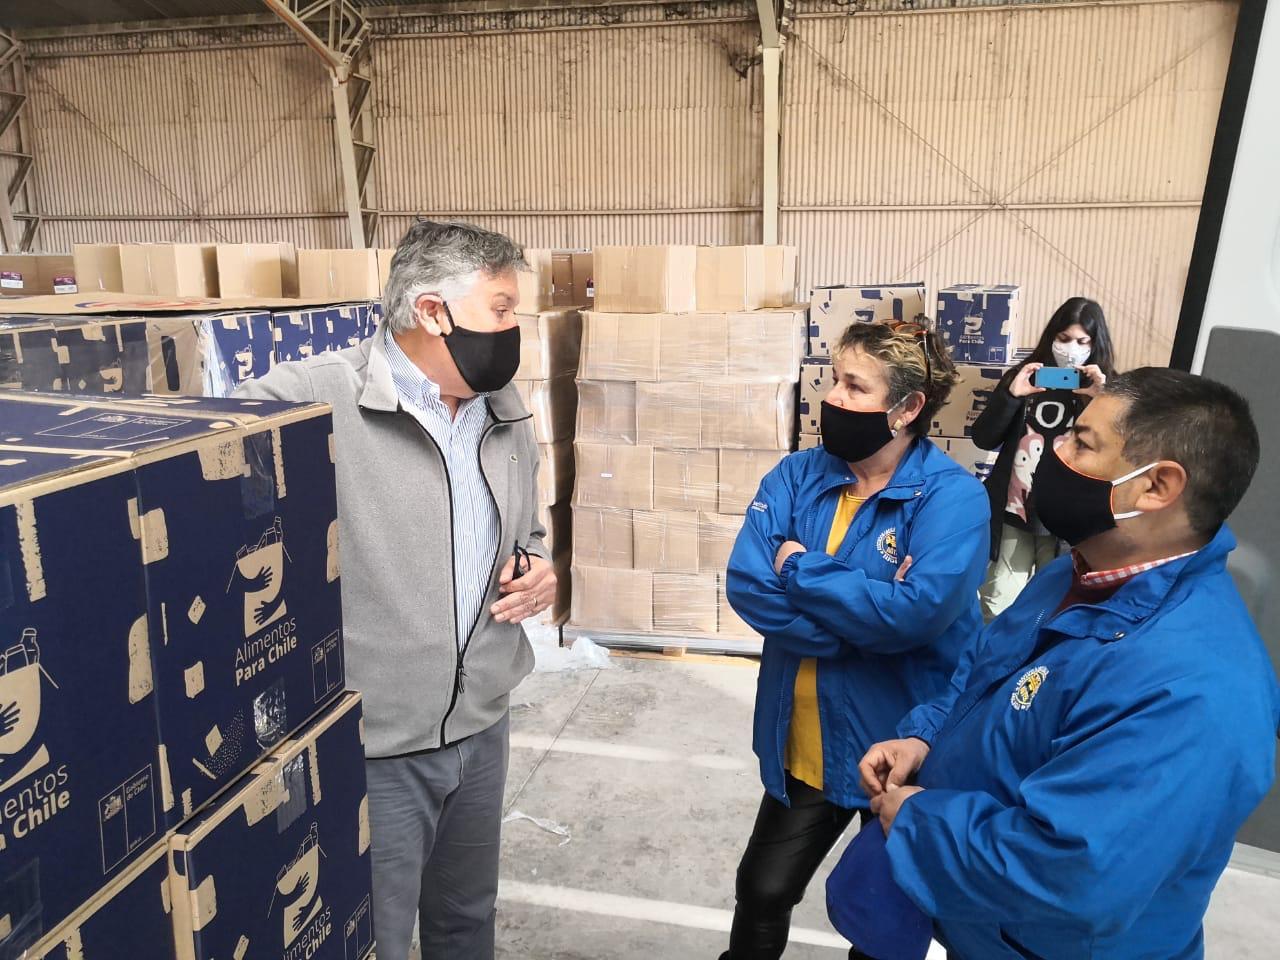 Municipalidad de Rancagua repartirá 28 mil cajas con apoyo de furgones escolares